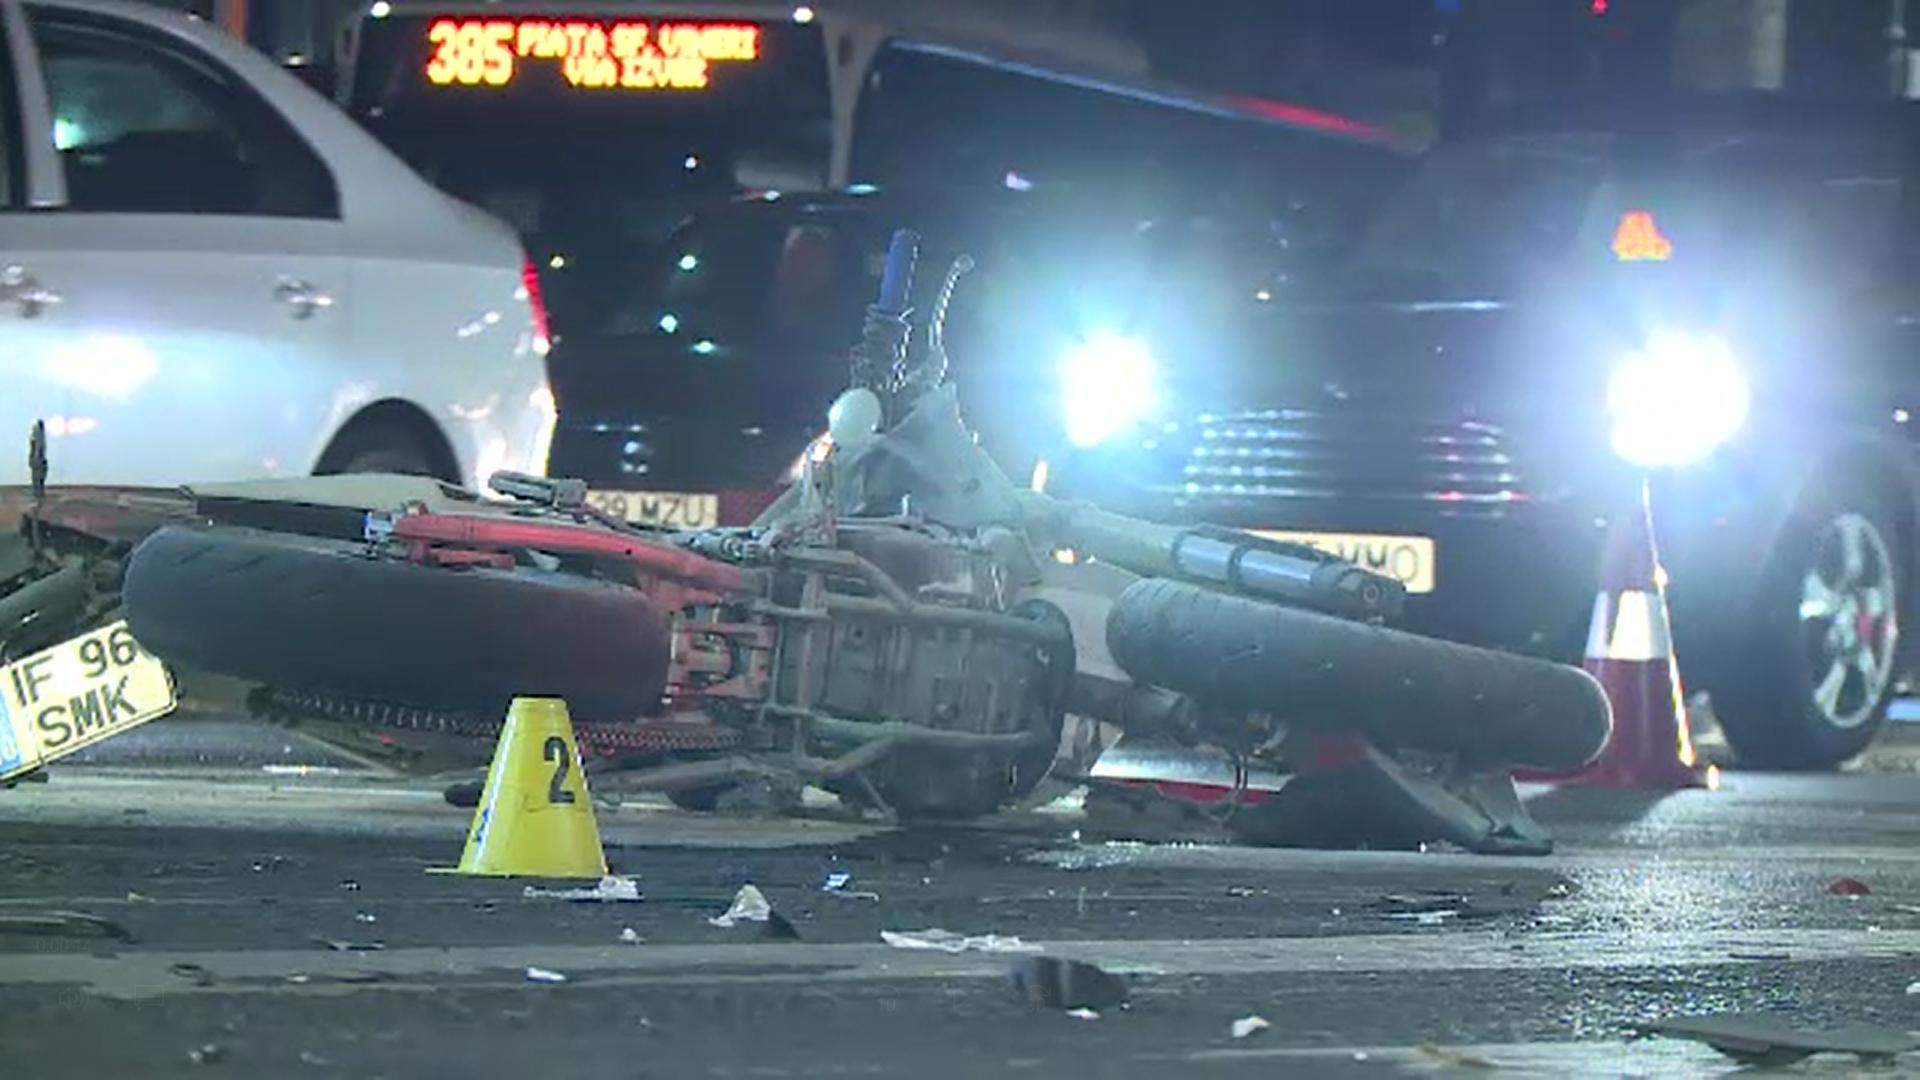 Impact violent între o motocicletă şi o maşină în Capitală. Motociclistul a ajuns la spital în stare stabilă